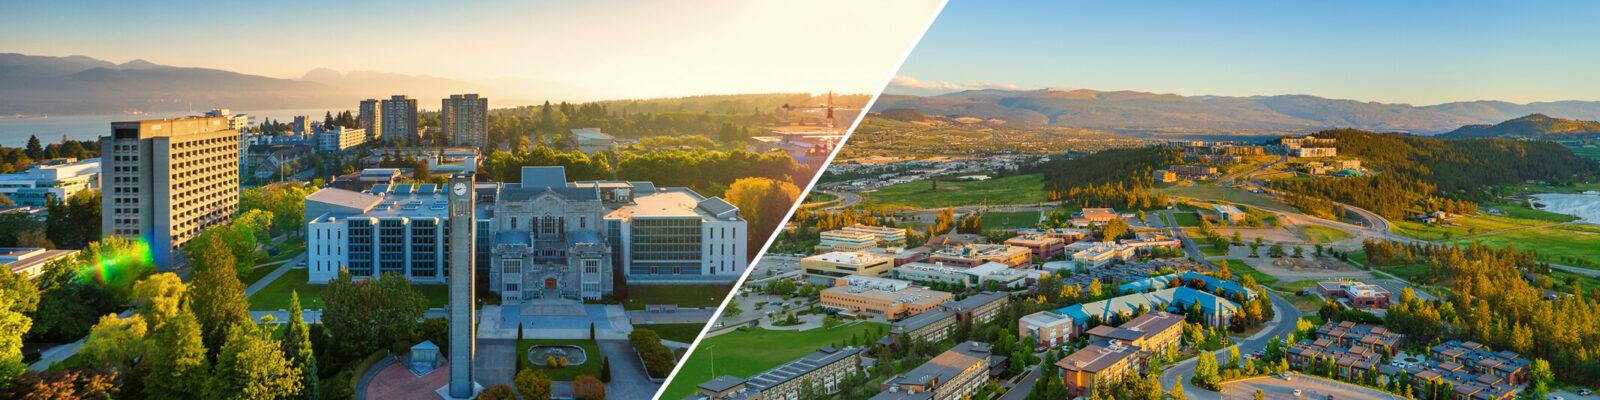 UBC campuses